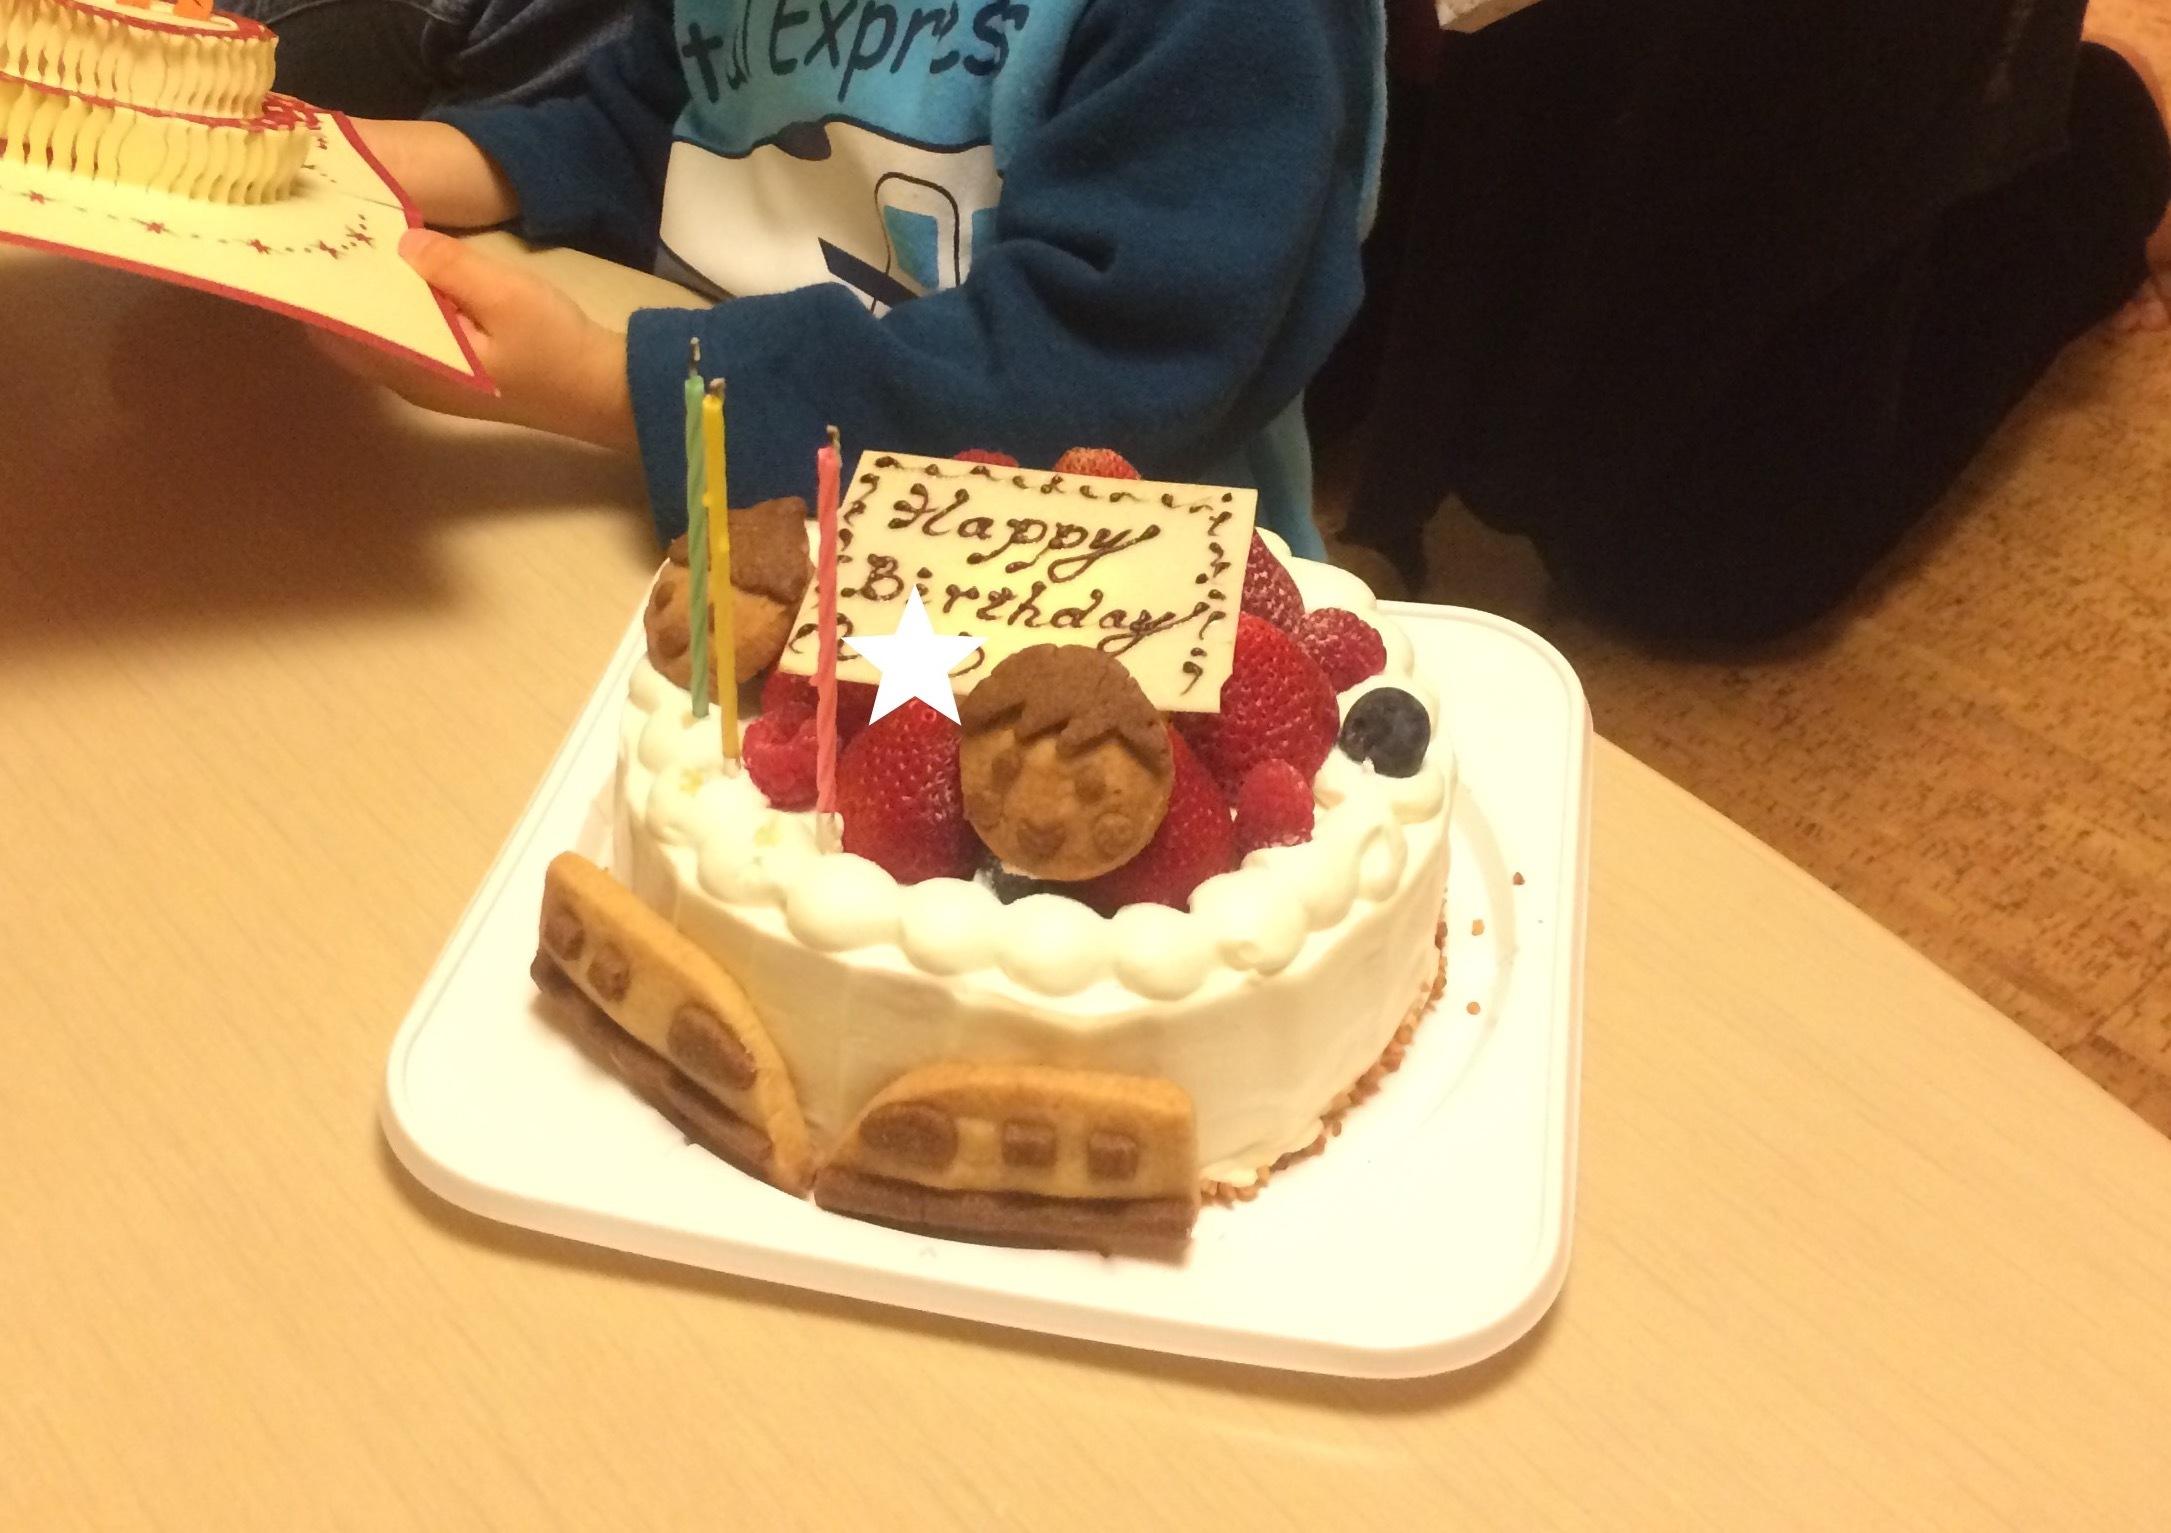 チョコペンで作るシンカリオンのバースデーケーキ&電車のケーキあれこれ色々♪_d0367998_21081075.jpg